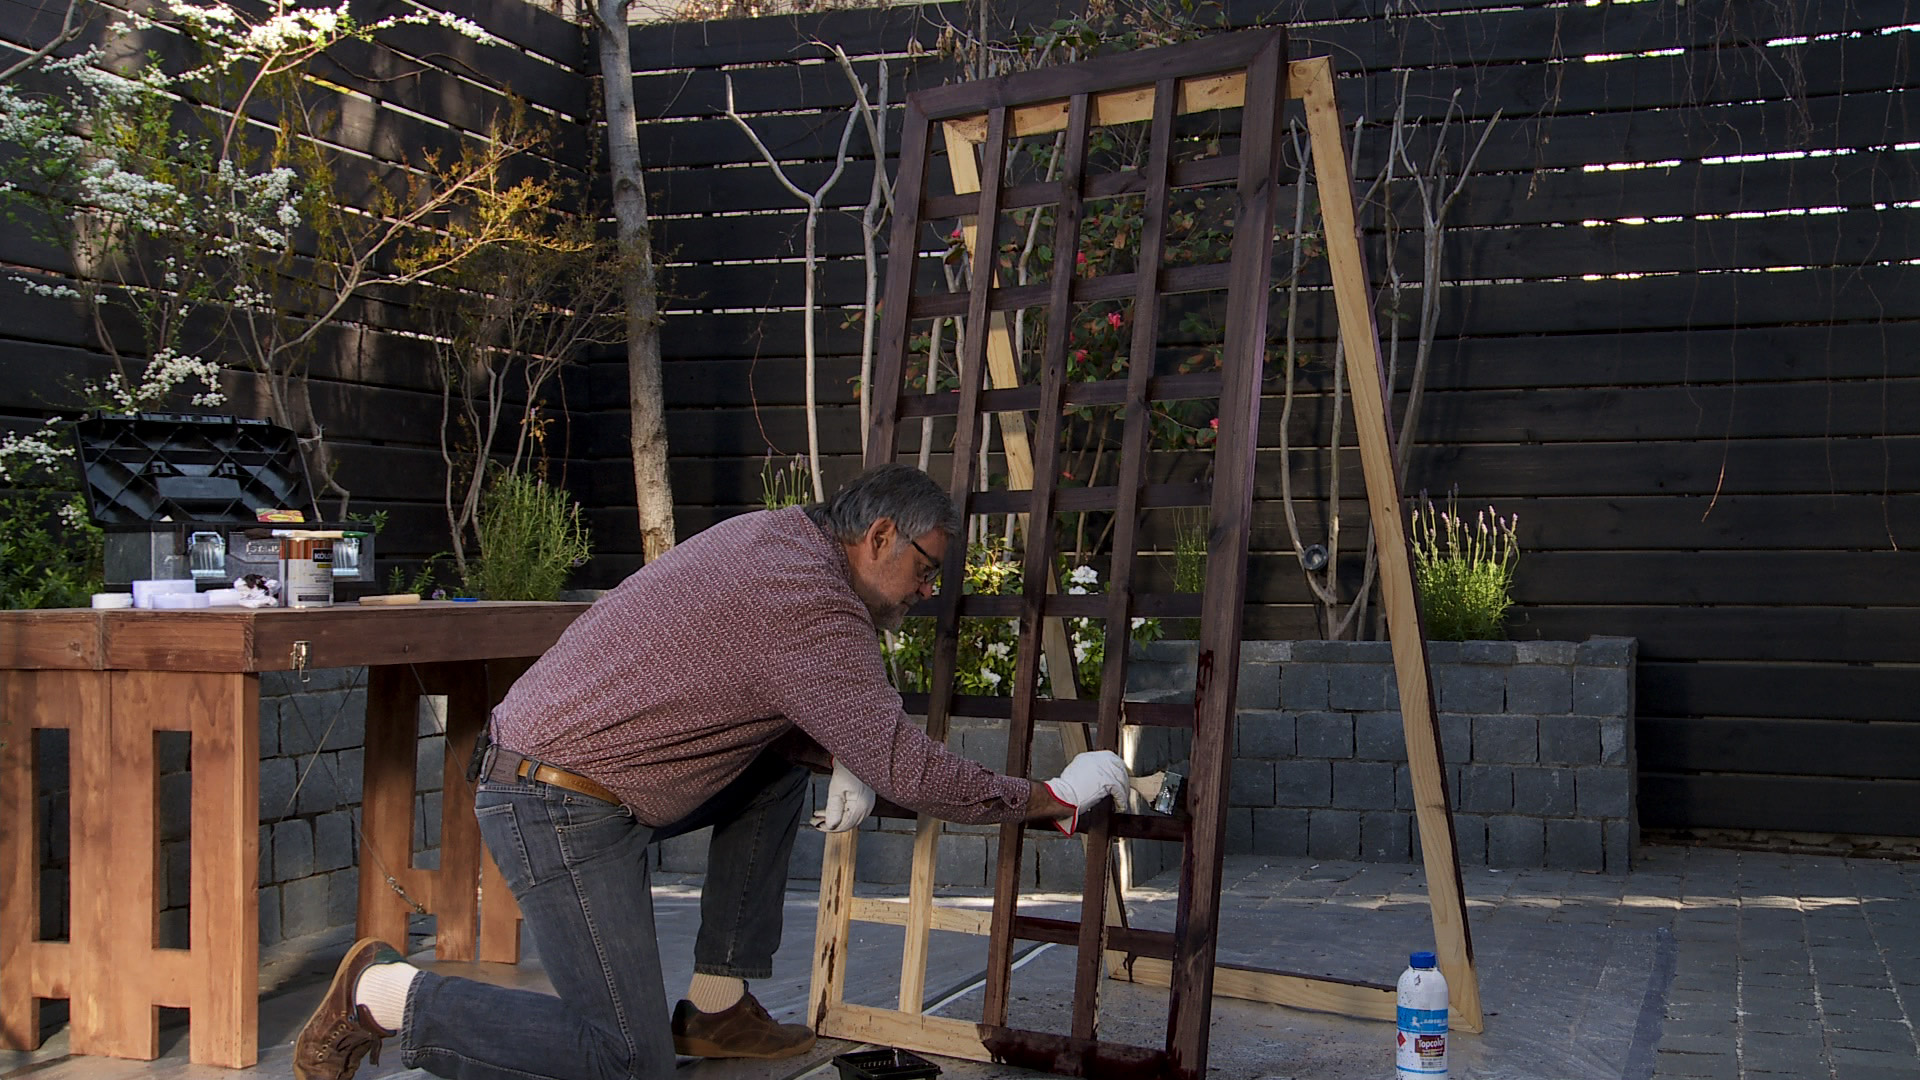 Este proyecto es ideal para jardines o terraza que sean pequeños y/o sombríos, ya que se trata de construir marcos con treillage que de fondo tengan un espejo lo que genera más amplitud además de iluminar los rincones más oscuros del jardín.